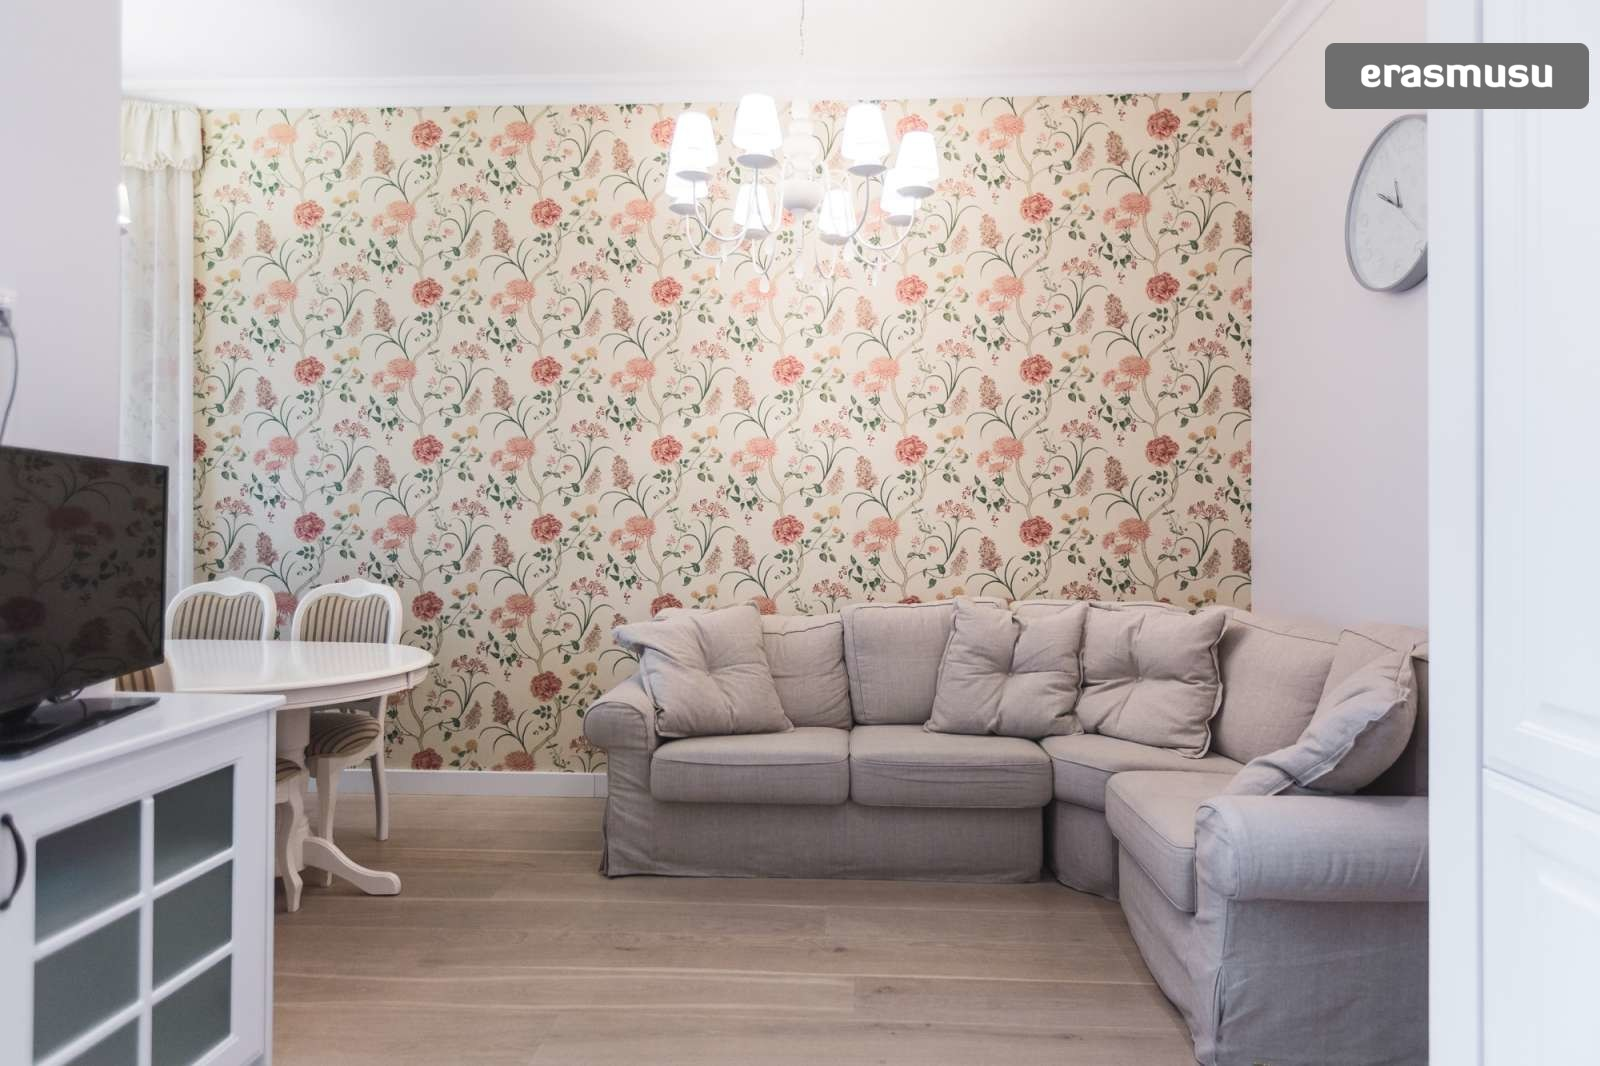 elegant-2-bedroom-partment-rent-centrs-39ddb7a9798018473bcc4a3e6